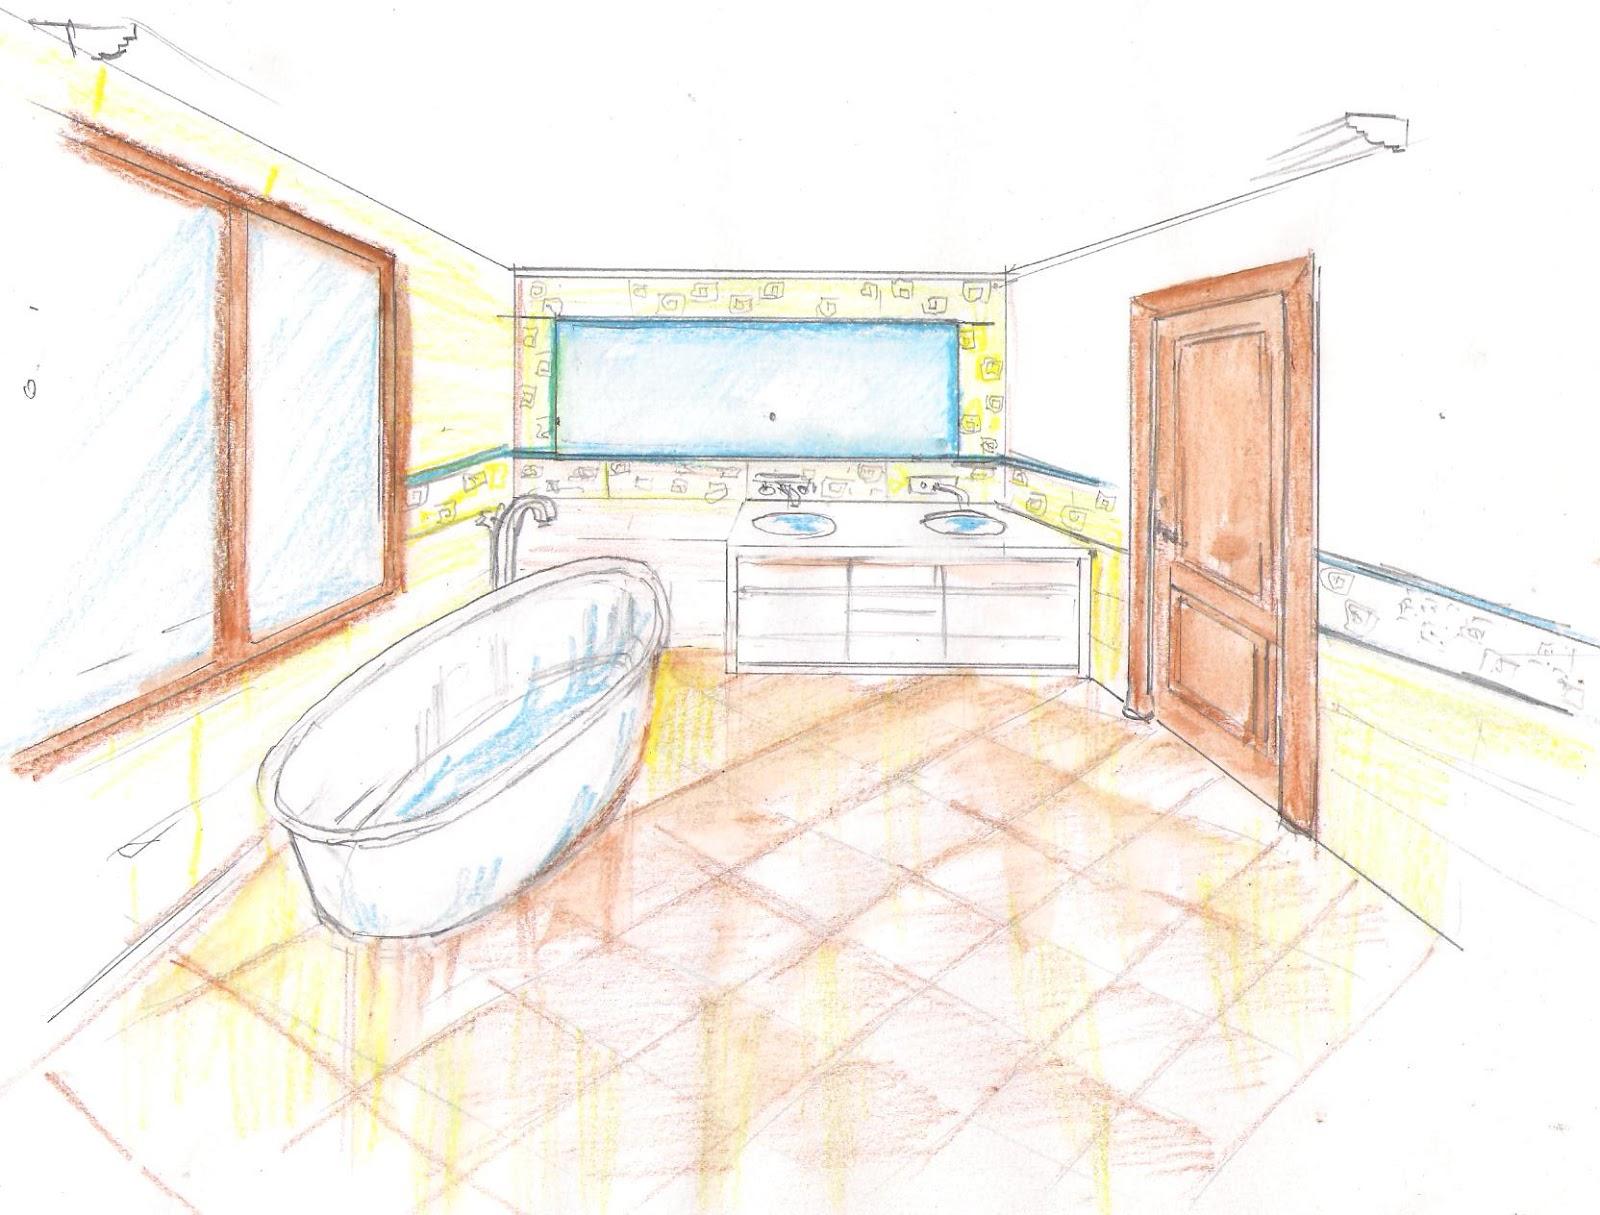 Interiorismo y decoracion lola torga dise o de un ba o principal de un chalet - Boceto interiorismo ...